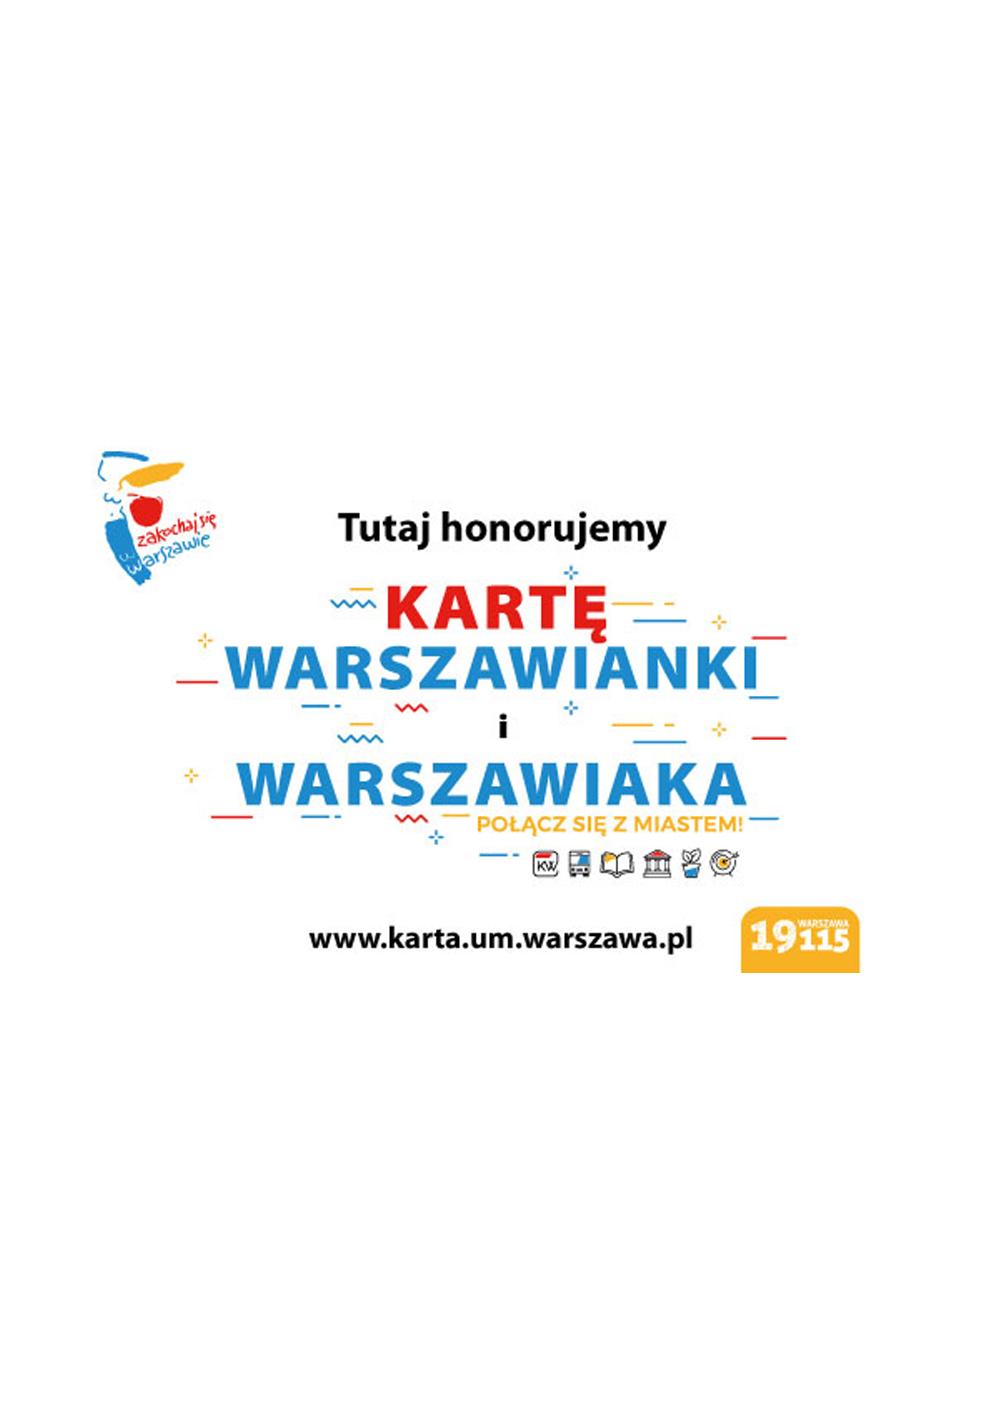 plakat_karta warszawiaka